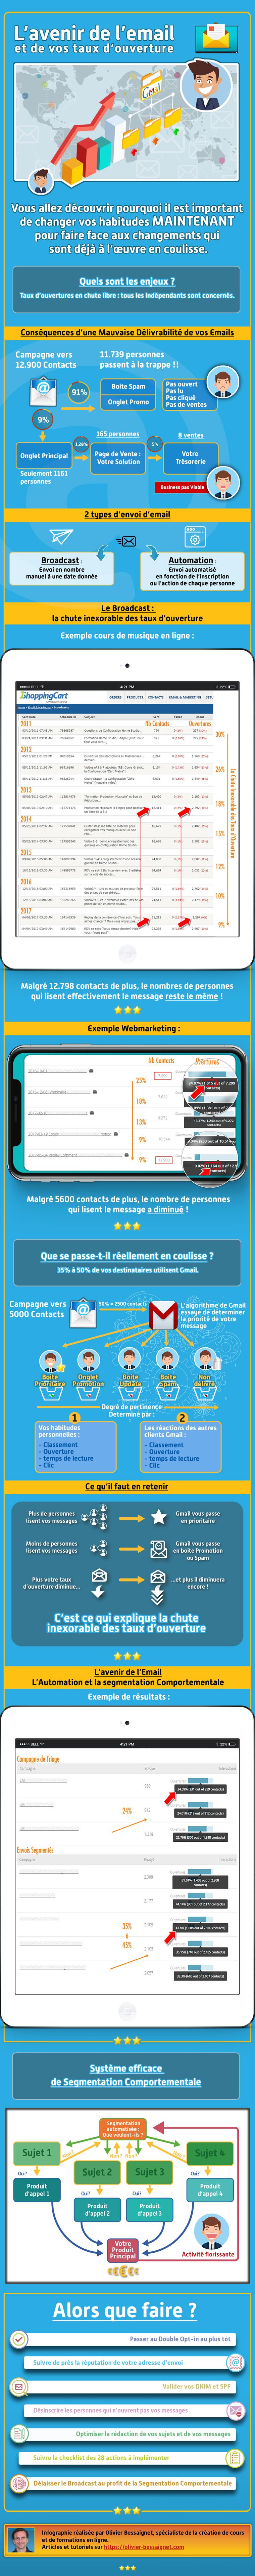 Infographie : L'avenir de l'Email et de vos taux d'ouverture.